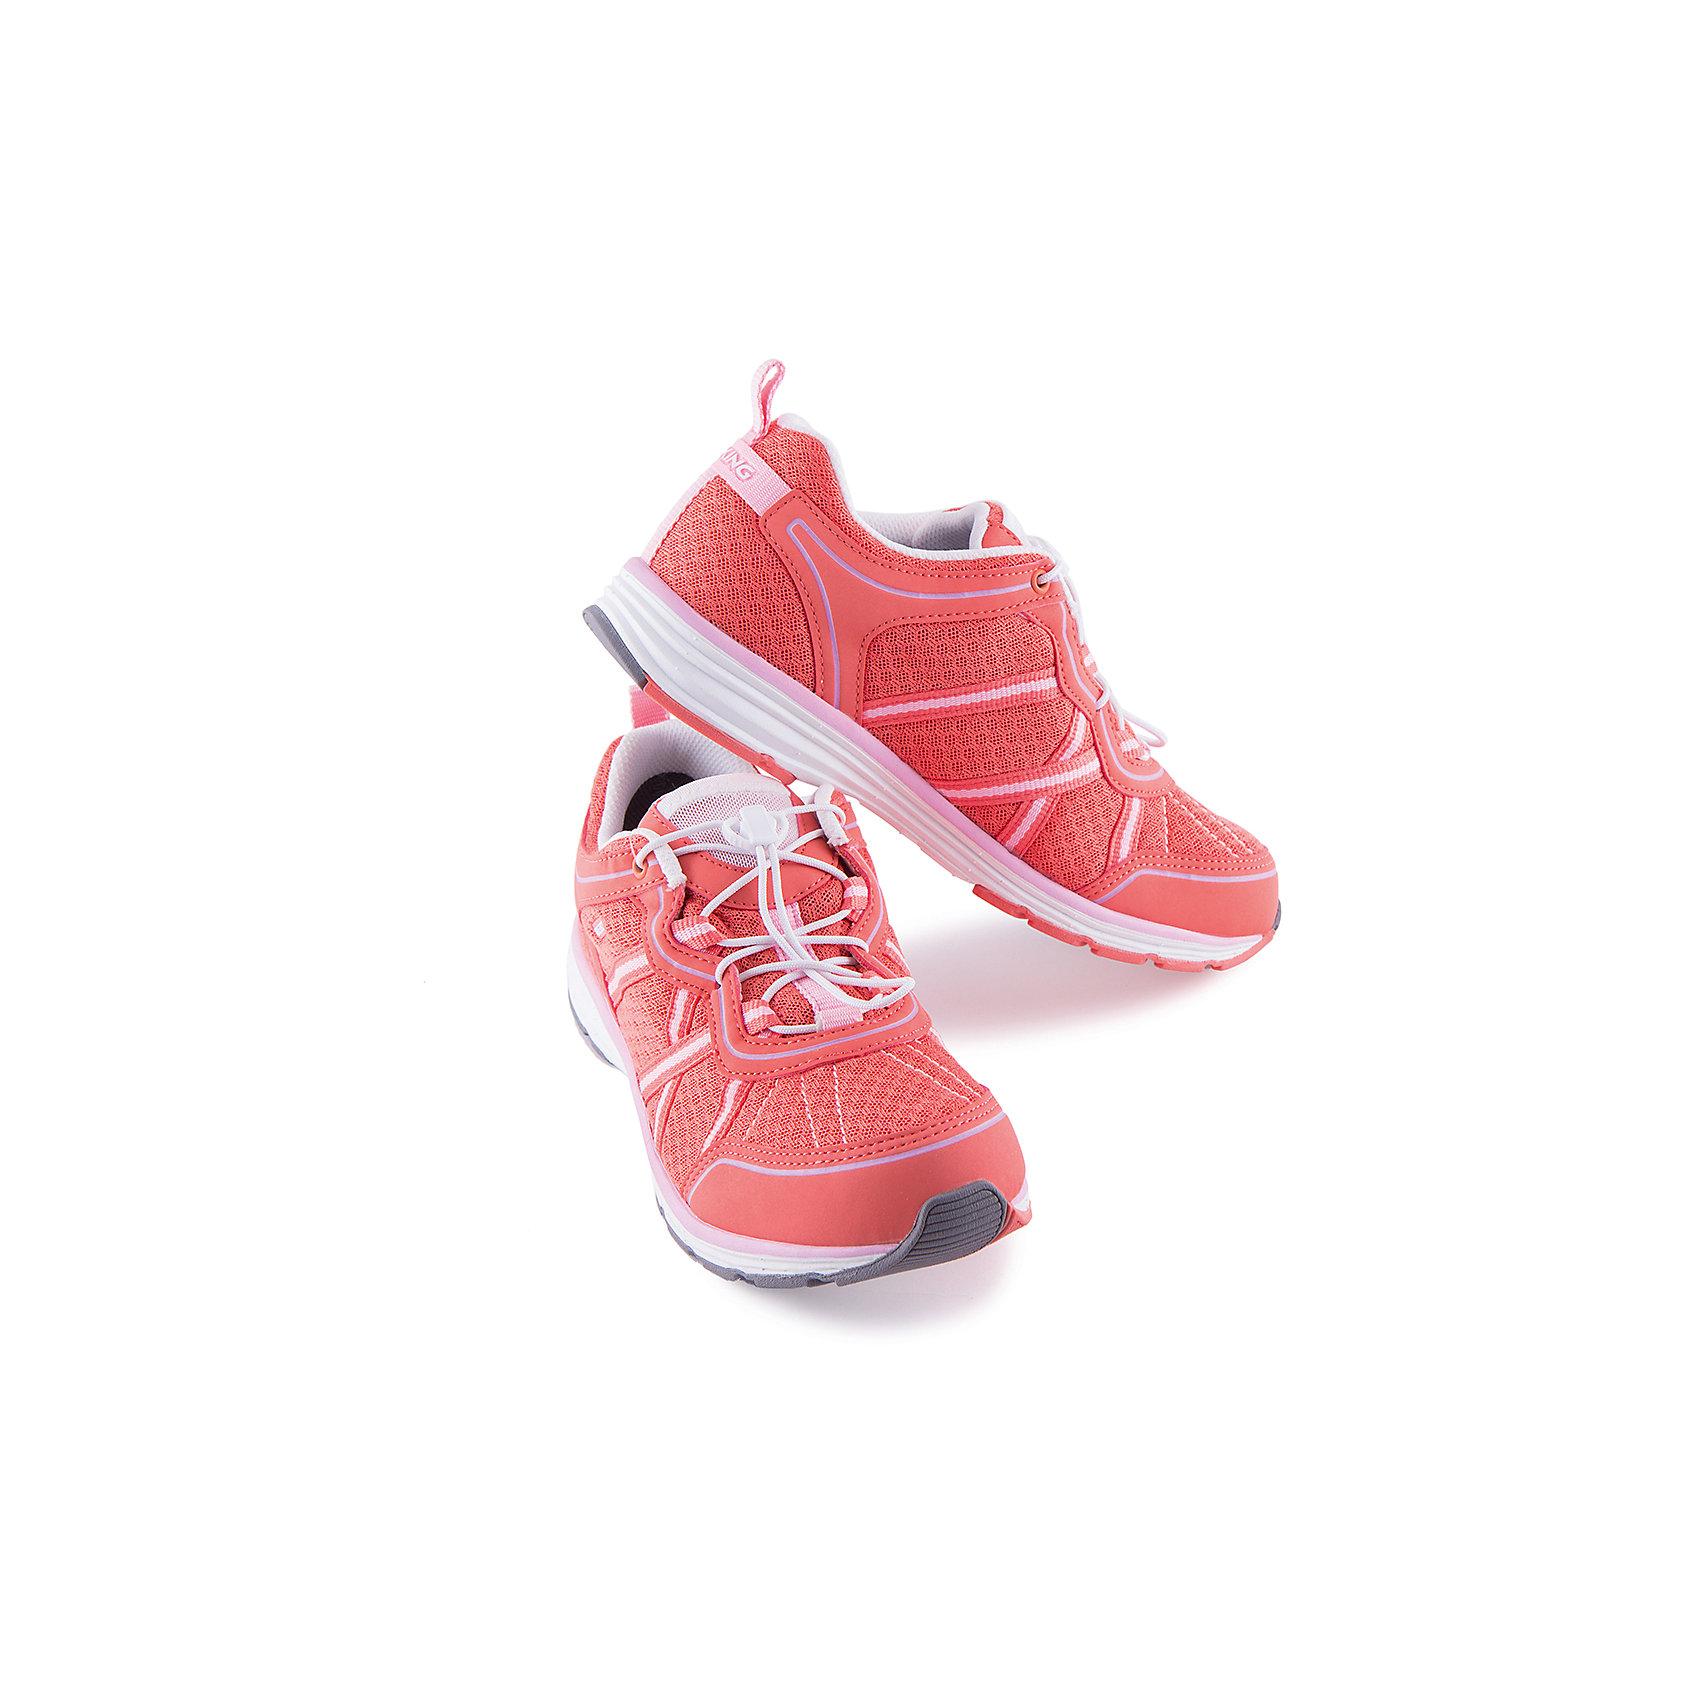 Кроссовки для девочки VIKINGКроссовки для девочки от марки VIKING - прекрасный вариант для активного отдыха или спортивных занятий! Модель на шнуровке с утяжкой очень удобно снимать и надевать. Рифленая подошва и небольшой каблук обеспечат комфорт, устойчивость и отличное сцепление с поверхностью. Кроссовки выполнены из высококачественных материалов, имеют текстильные вставки позволяющие воздуху свободно циркулировать. Прекрасный вариант для вашего ребенка. <br><br>Дополнительная информация:<br><br>- Тип застежки:  шнуровка с утяжкой. <br>- Декоративные элементы:  логотип бренда.<br>- Рифленая подошва.<br>- Стирка: щадящий режим, 30 ?.<br>Параметры для размера 34.<br>- Толщина подошвы: 1,8 см <br>- Высота каблука: 2,5 см.<br>Состав:<br>текстиль, искусственная кожа, этиленвинилацетат, натуральная резина.<br><br>Кроссовки для девочки VIKING (Викинг) можно купить в нашем магазине.<br><br>Ширина мм: 262<br>Глубина мм: 176<br>Высота мм: 97<br>Вес г: 427<br>Цвет: красный<br>Возраст от месяцев: 120<br>Возраст до месяцев: 132<br>Пол: Женский<br>Возраст: Детский<br>Размер: 34,35,37,36<br>SKU: 4233309